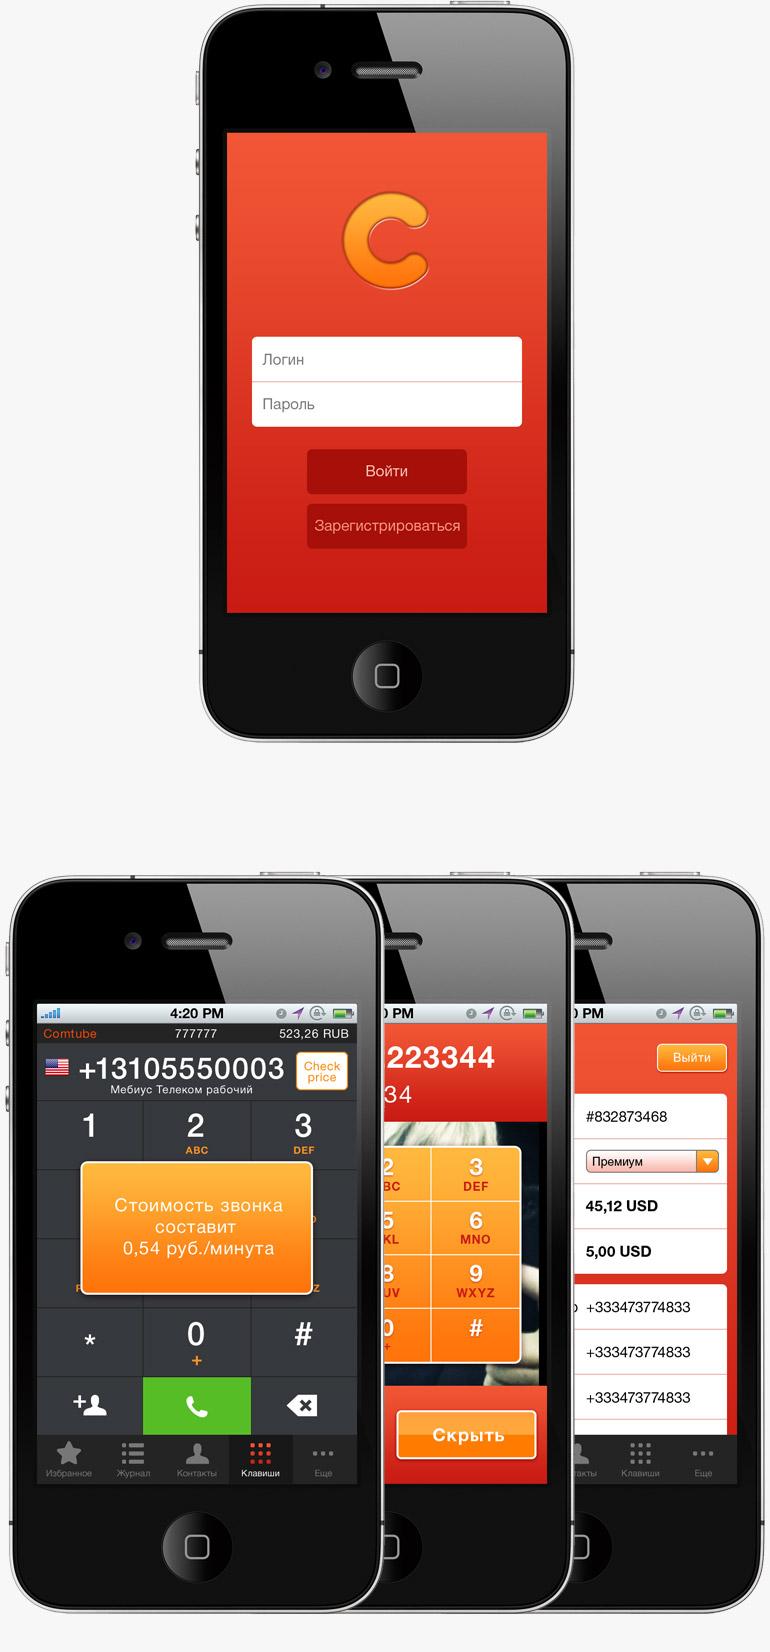 Дизайн интерфейса приложения